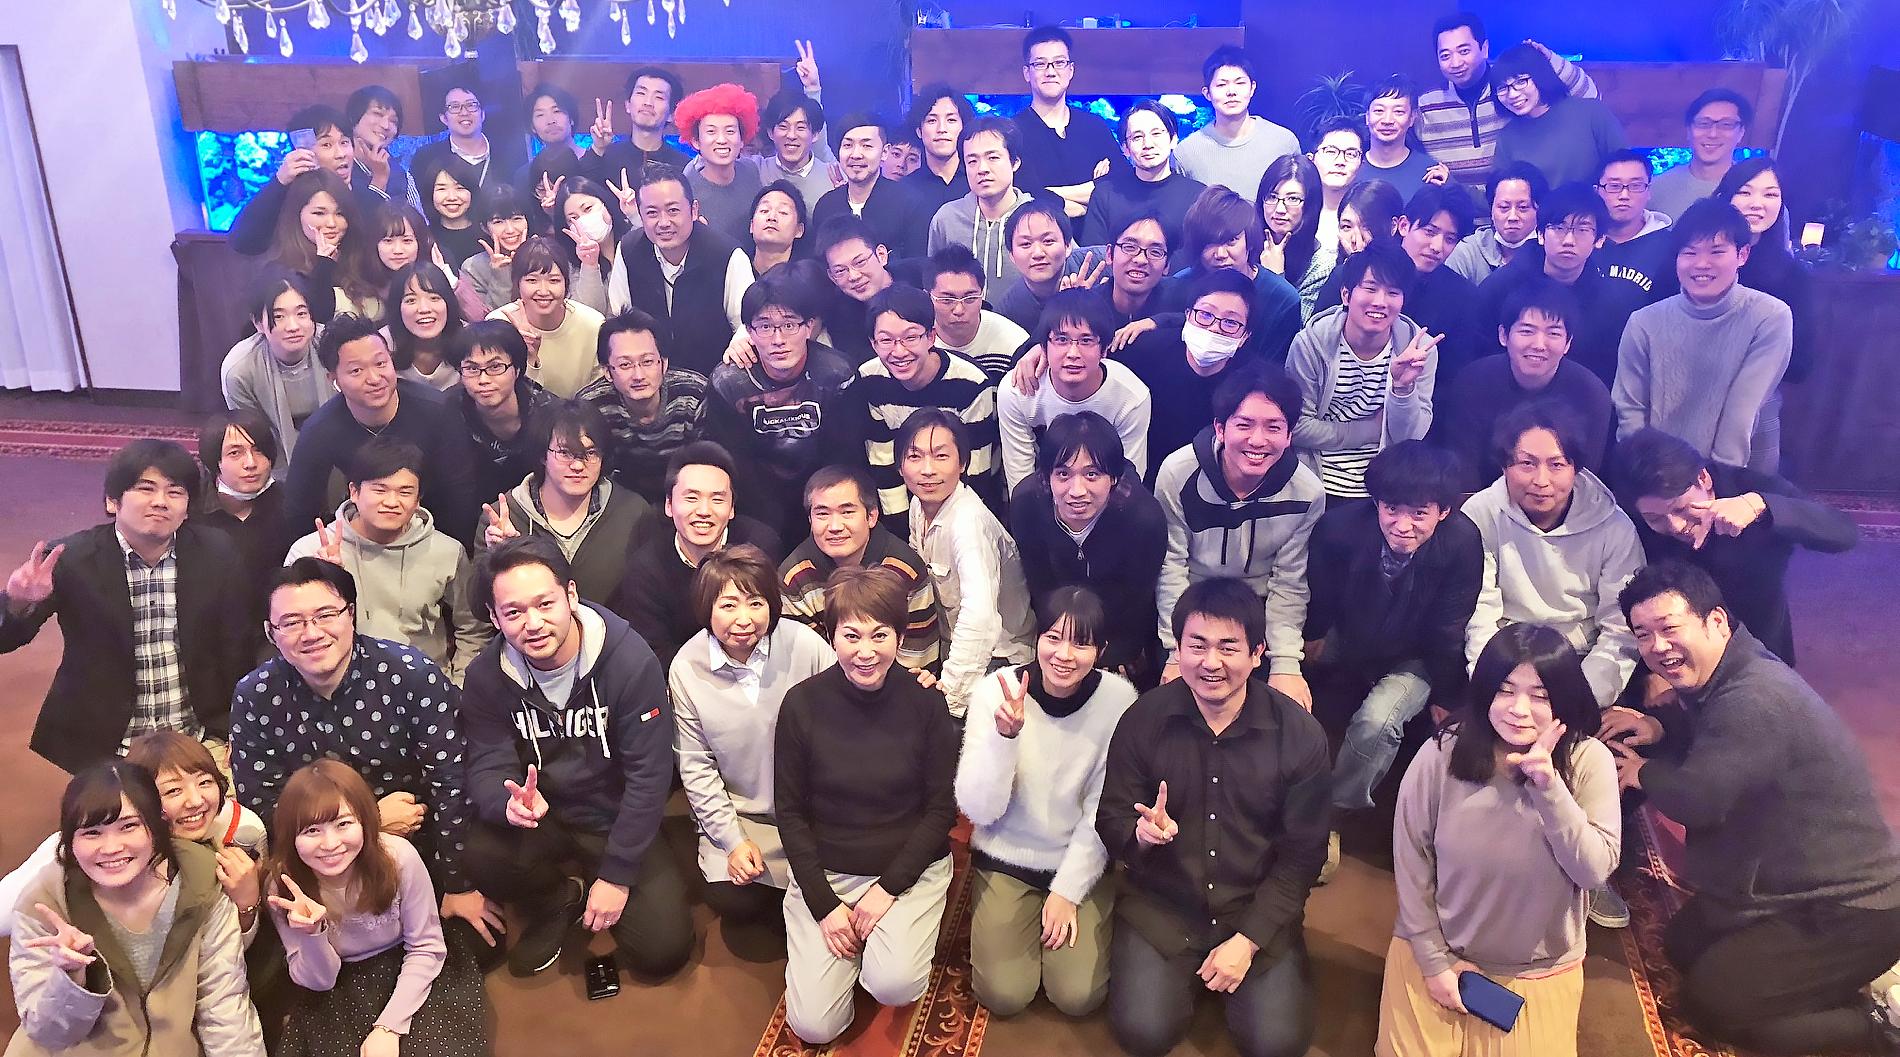 2019年の目標達成を誓った新年会!!習志野メンバーin海浜幕張